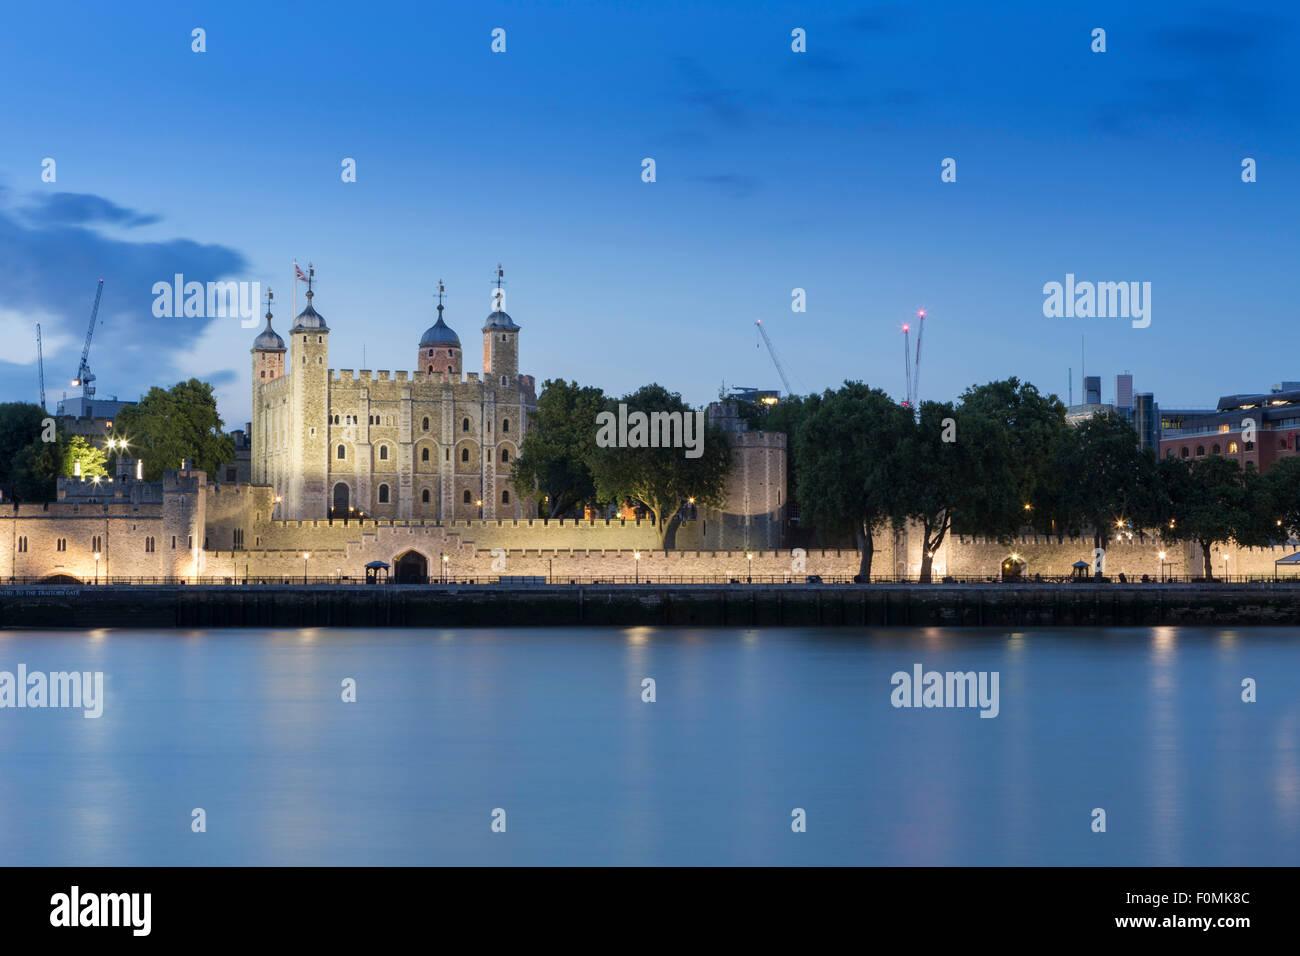 La Torre di Londra, London castello, palazzo reale e prigione medievale a Londra in Inghilterra Immagini Stock